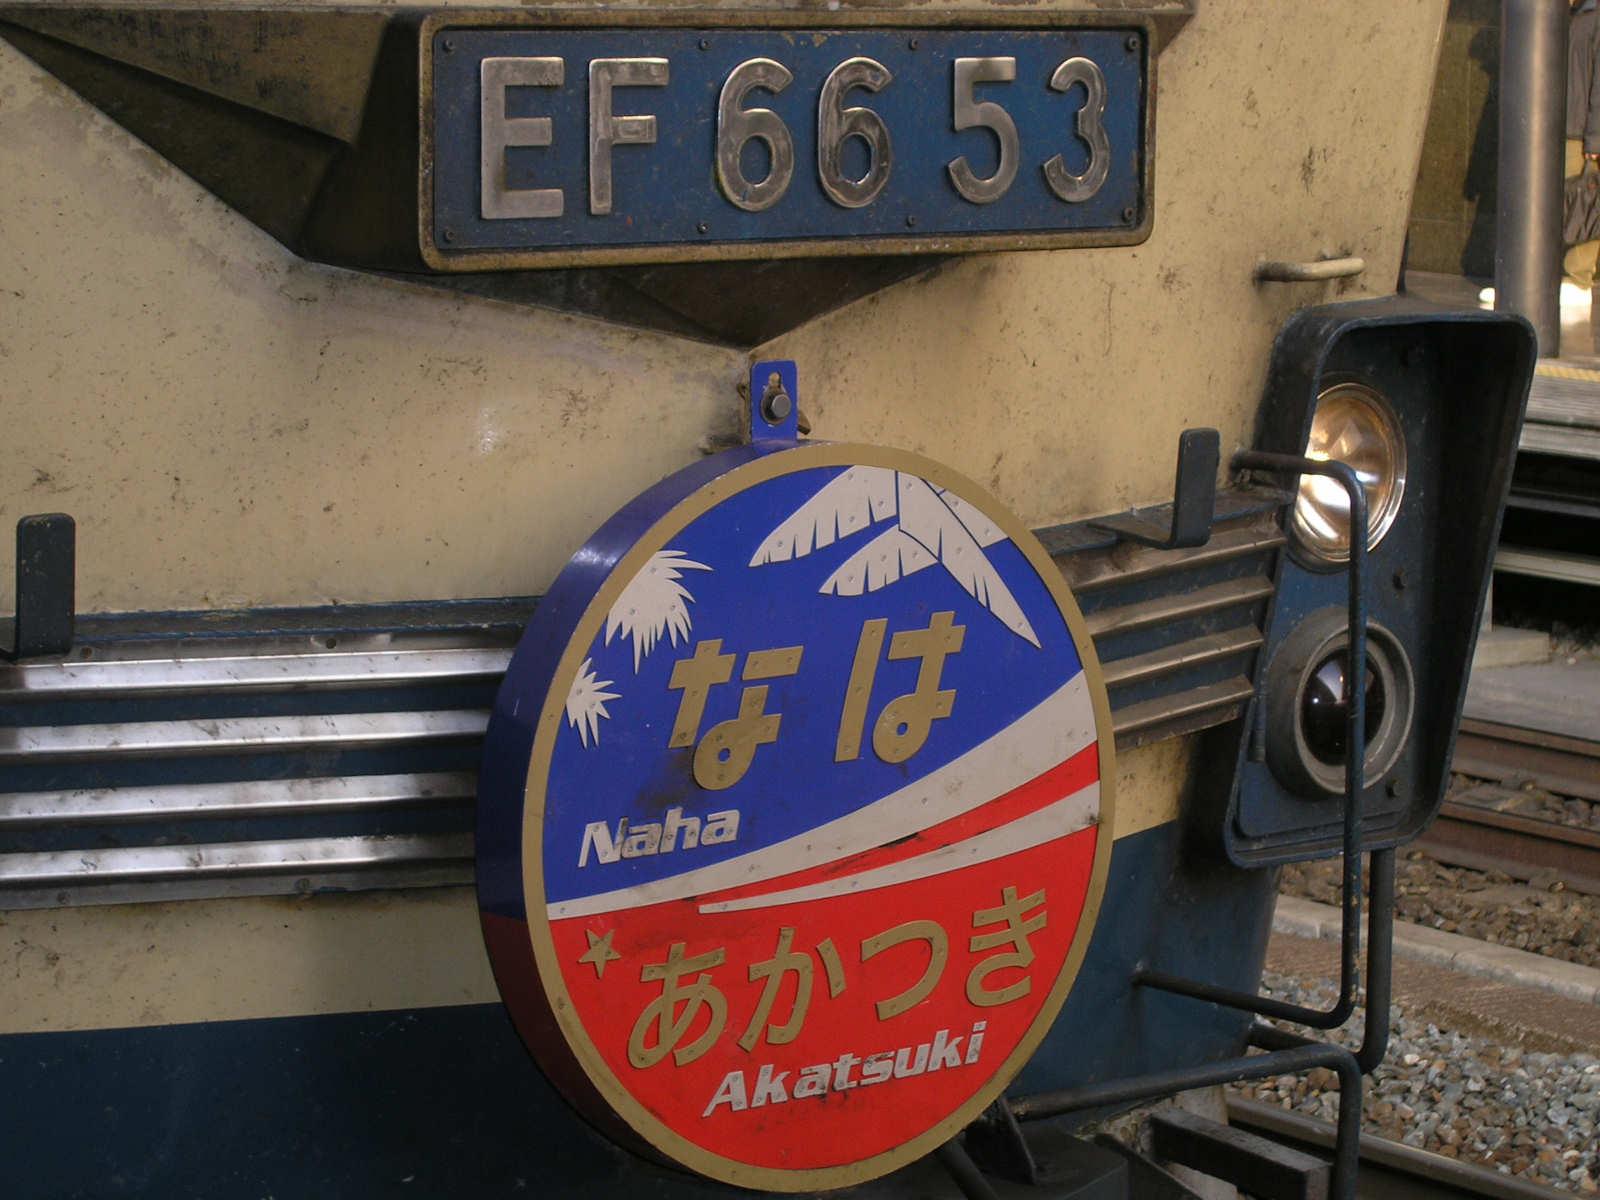 寝台特急なは号・あかつき号の本州内ヘッドマーク(JPG-182k)